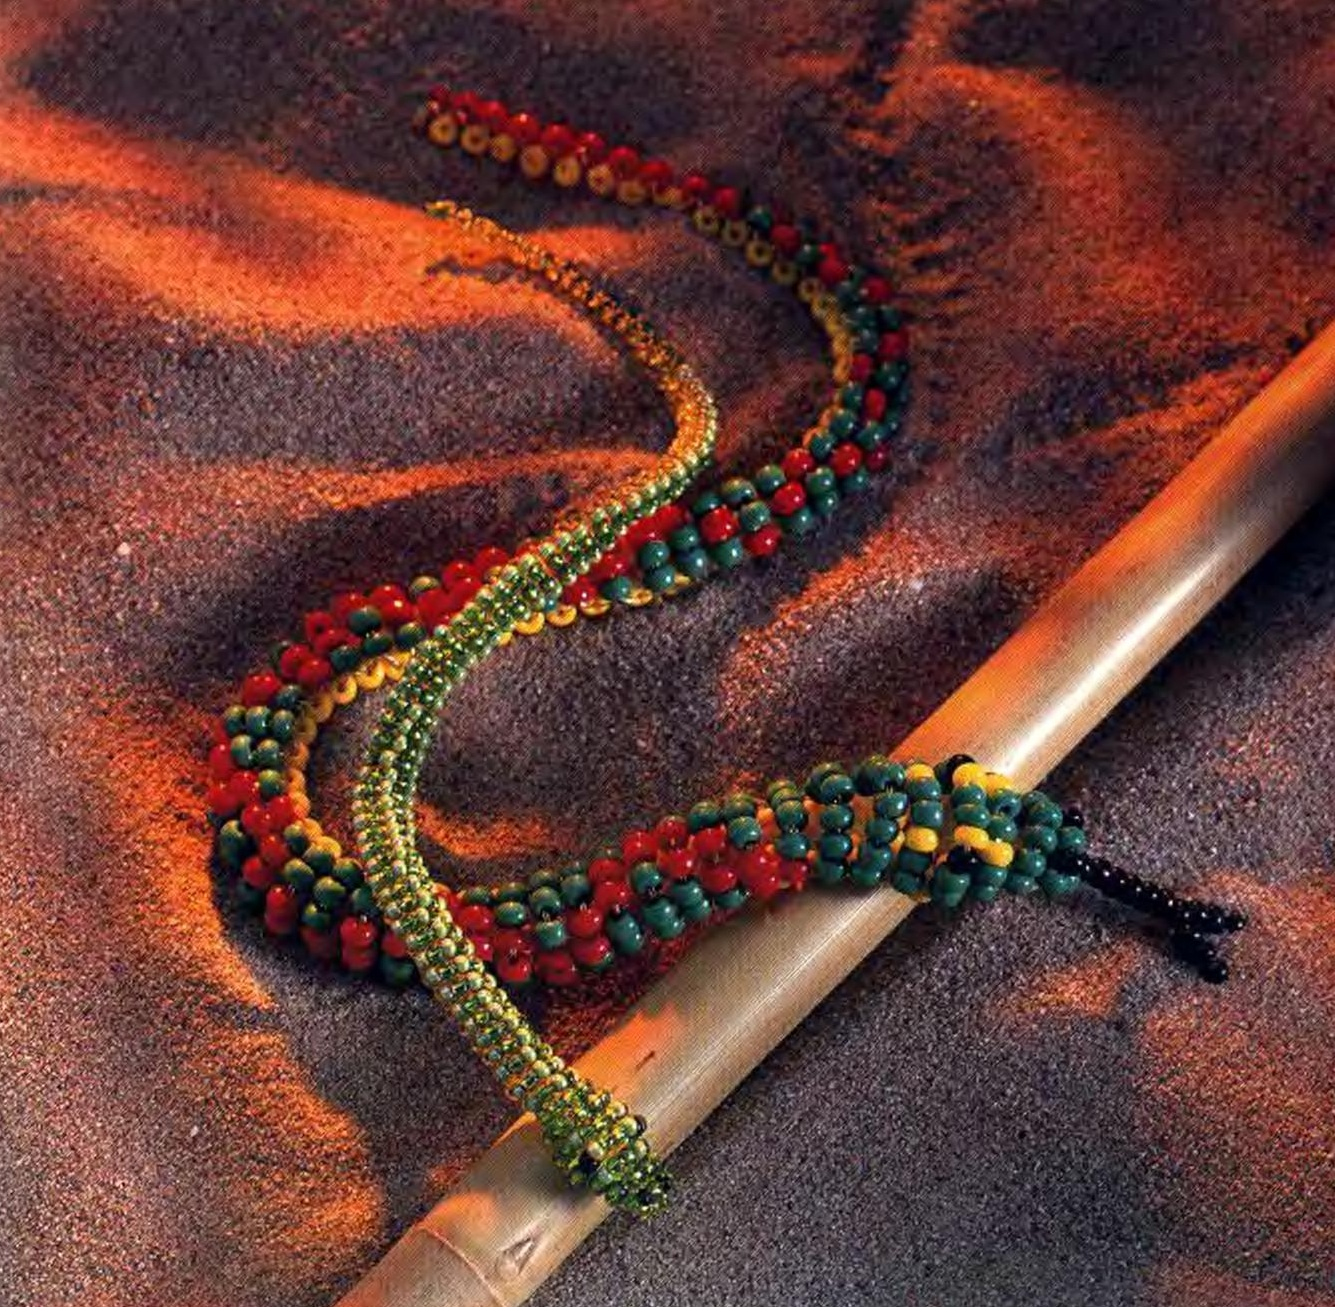 Змея в черных крапинках Схема плетения змеи:Змея в черную крапинку 2 Схема плетения змеи:Схема плетения из бисера...